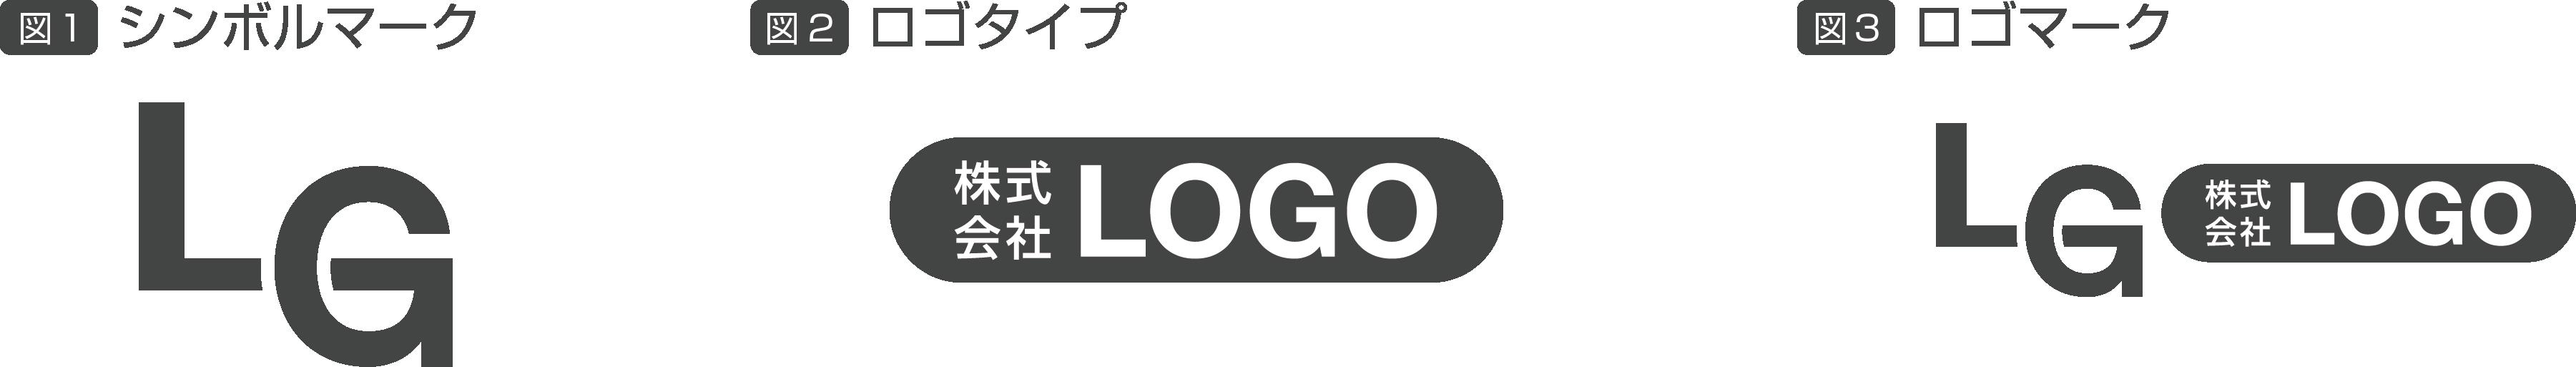 ロゴ、シンボルマークの定義